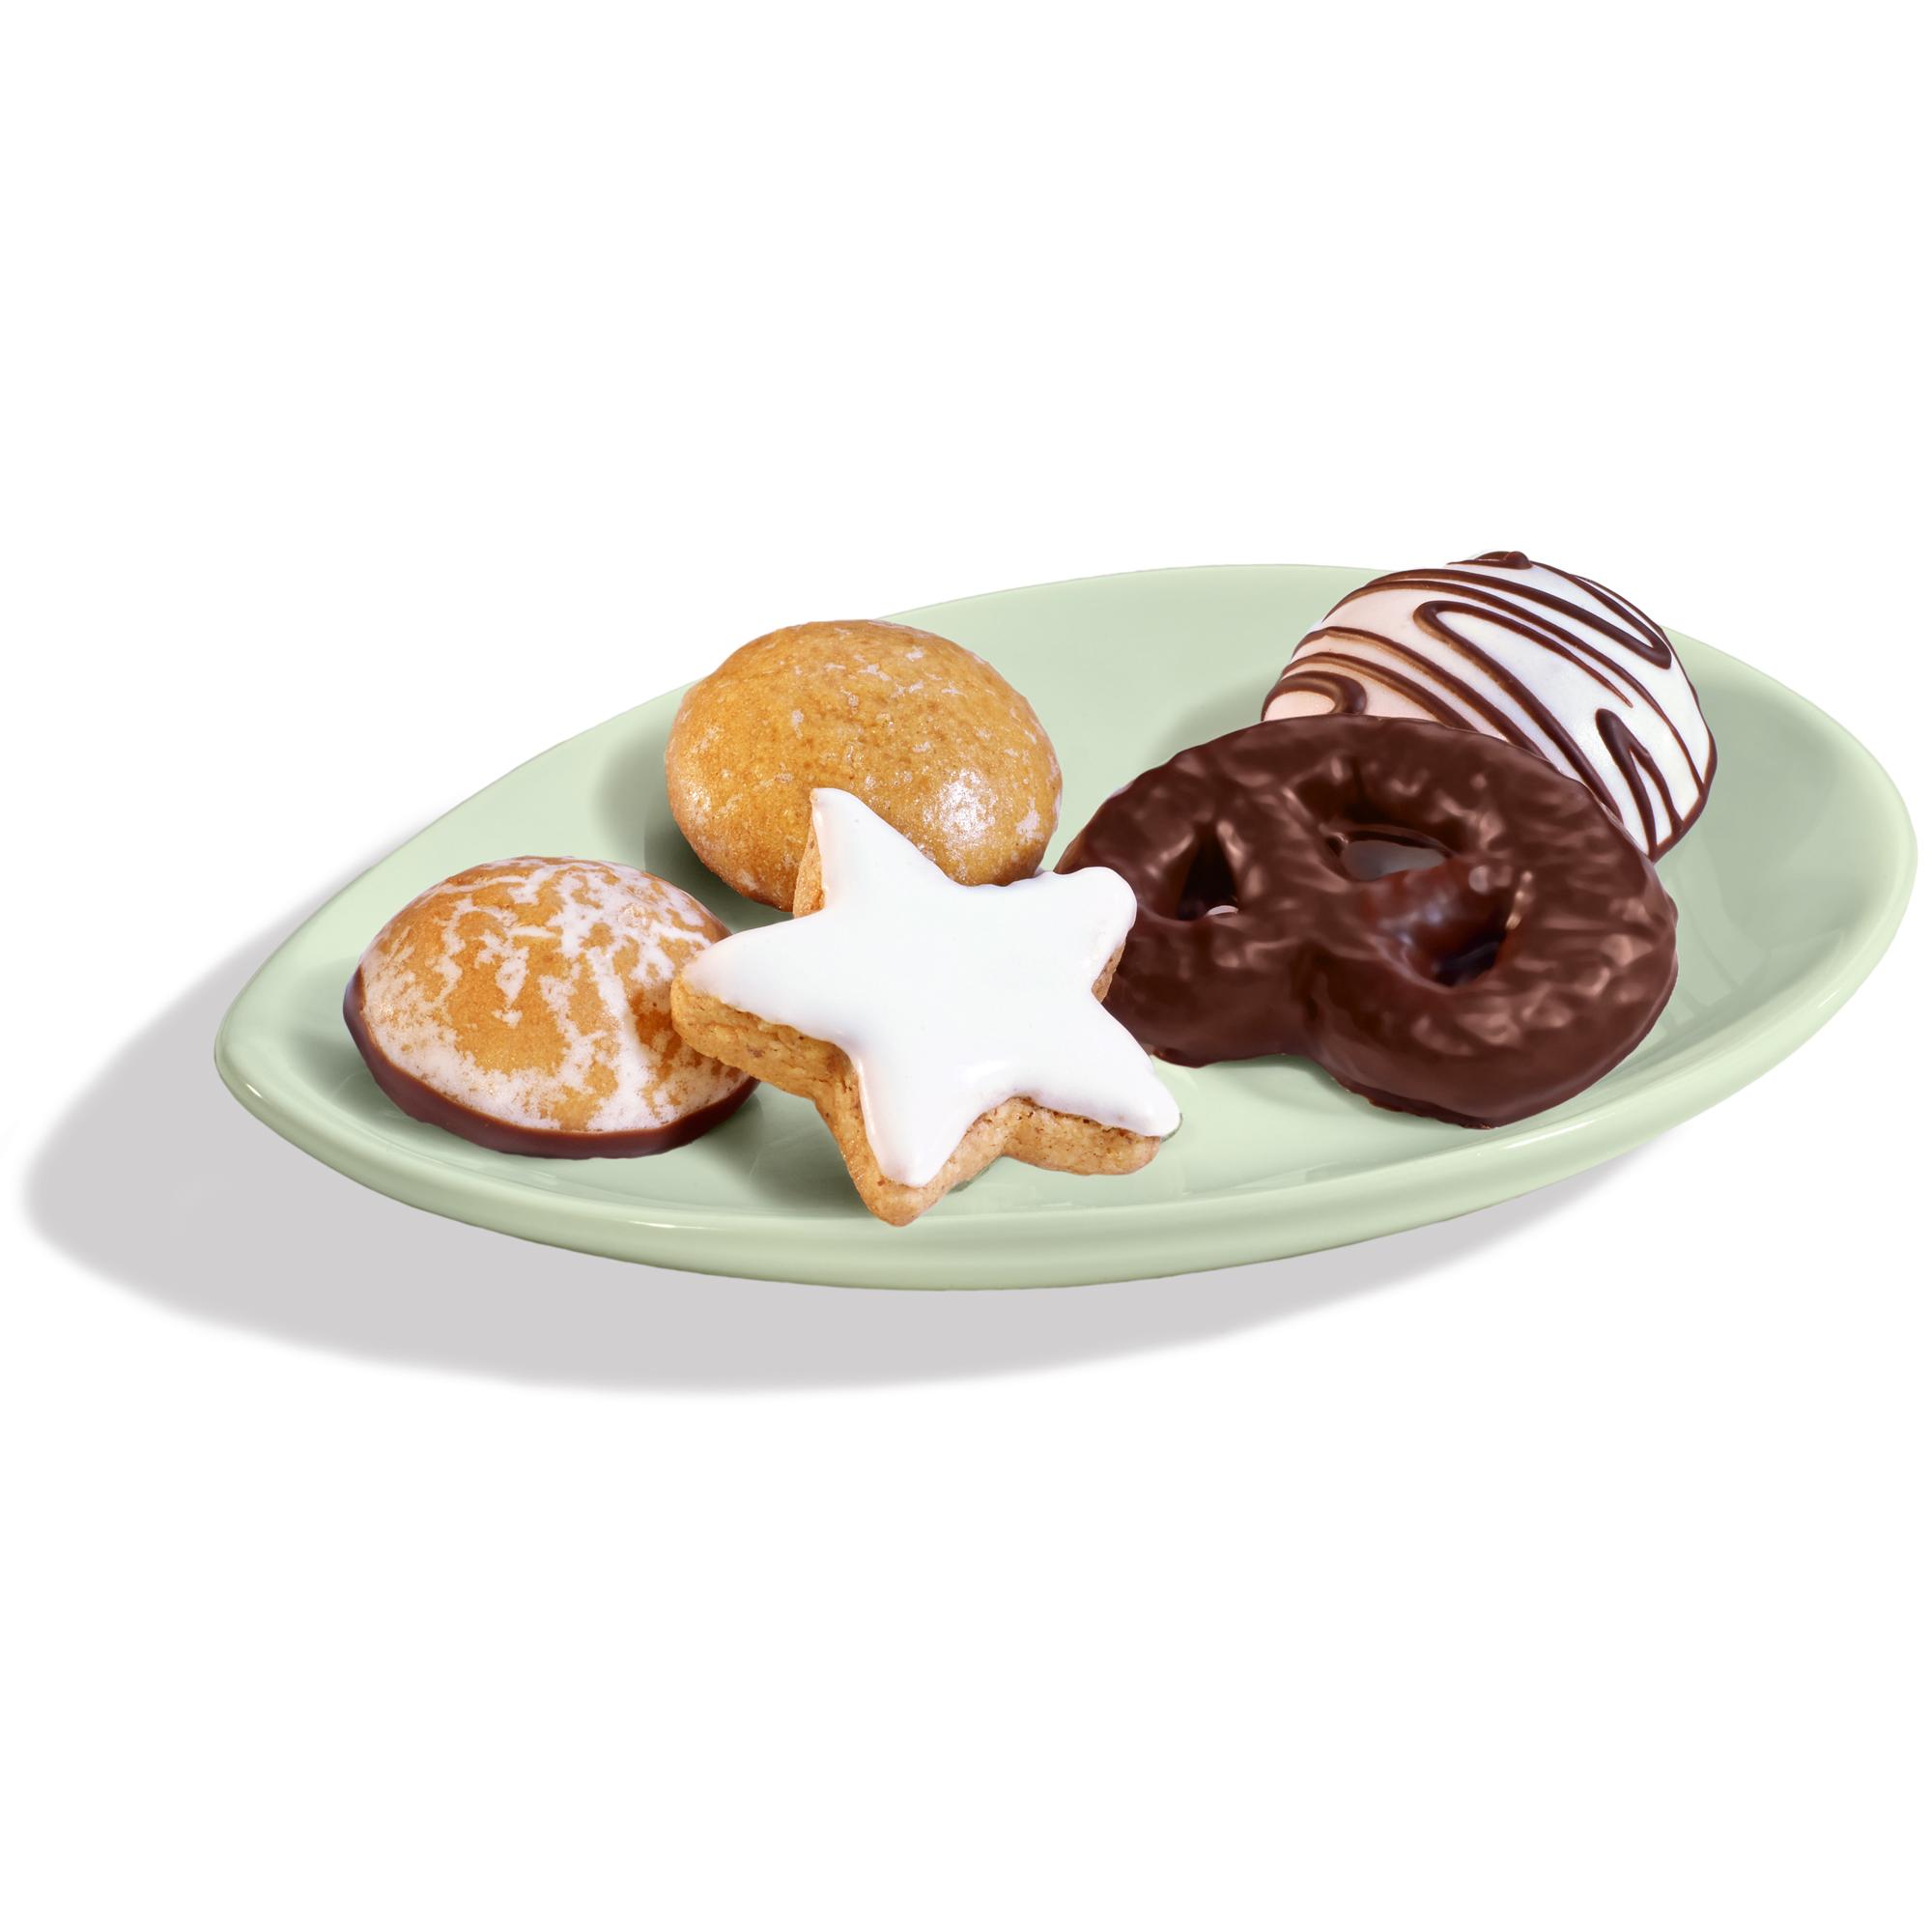 Bahlsen Weihnachts-Mix 6x1kg | Online kaufen im World of Sweets Shop